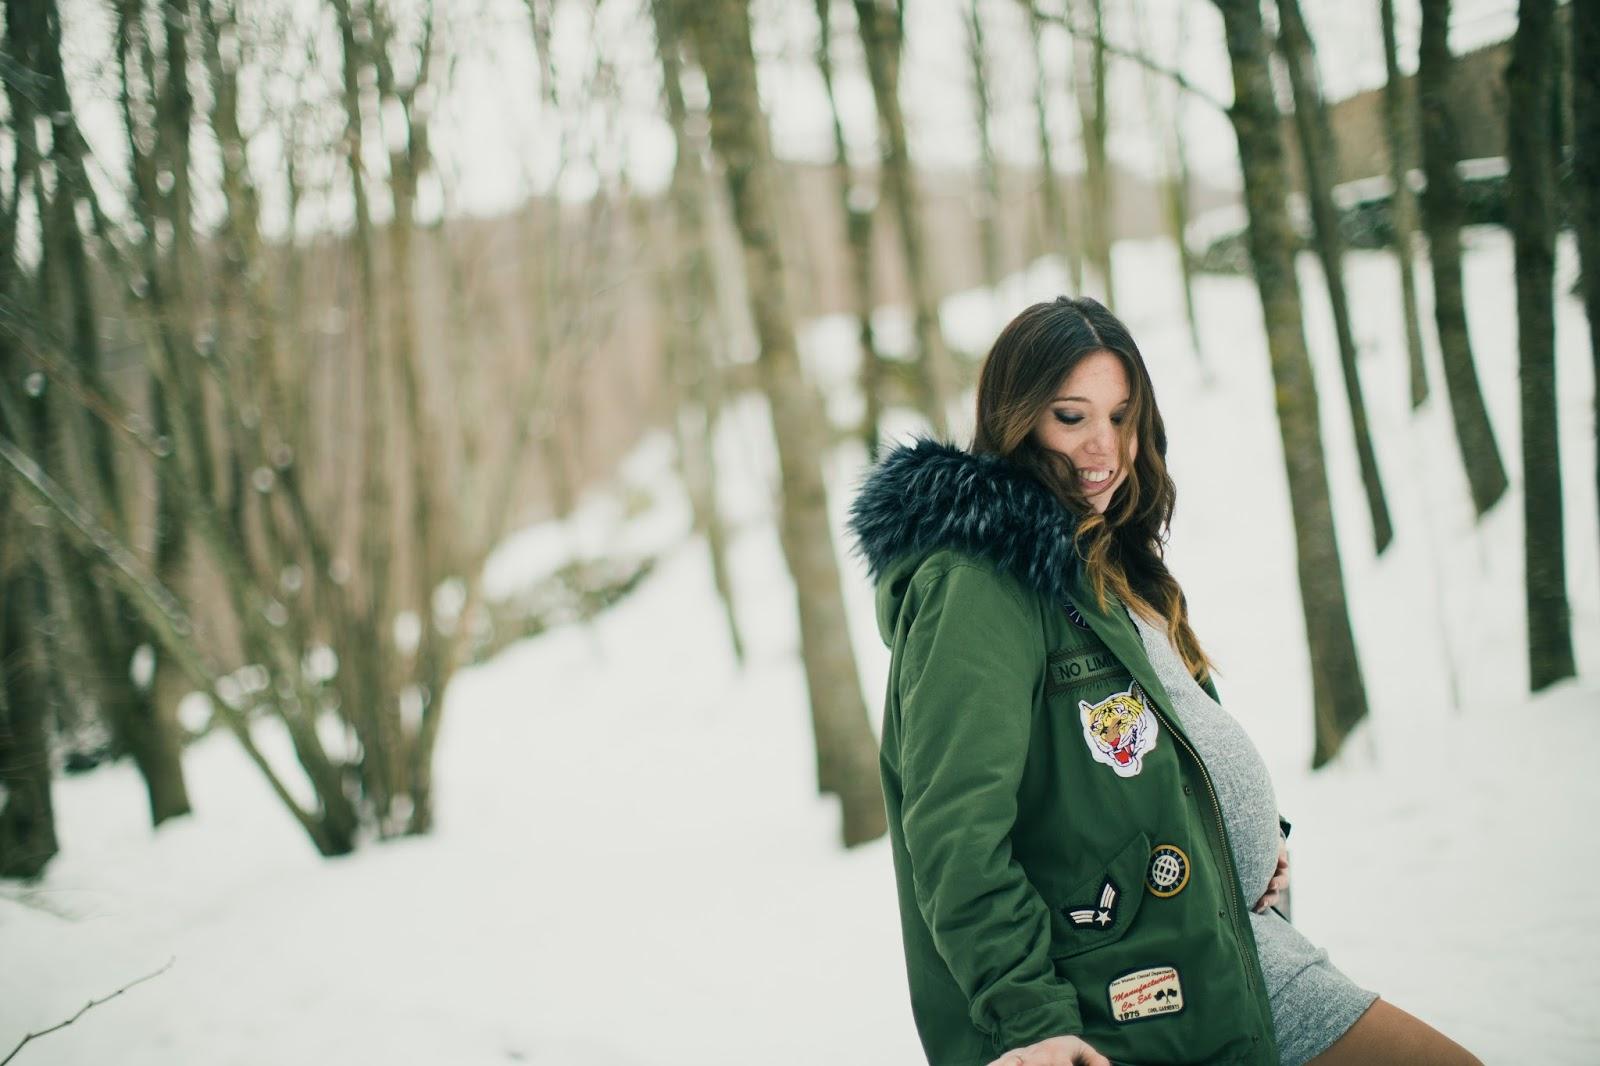 ff9305bda Dulce espera +Sesión embarazo en la nieve - Sweet Carol - Blog